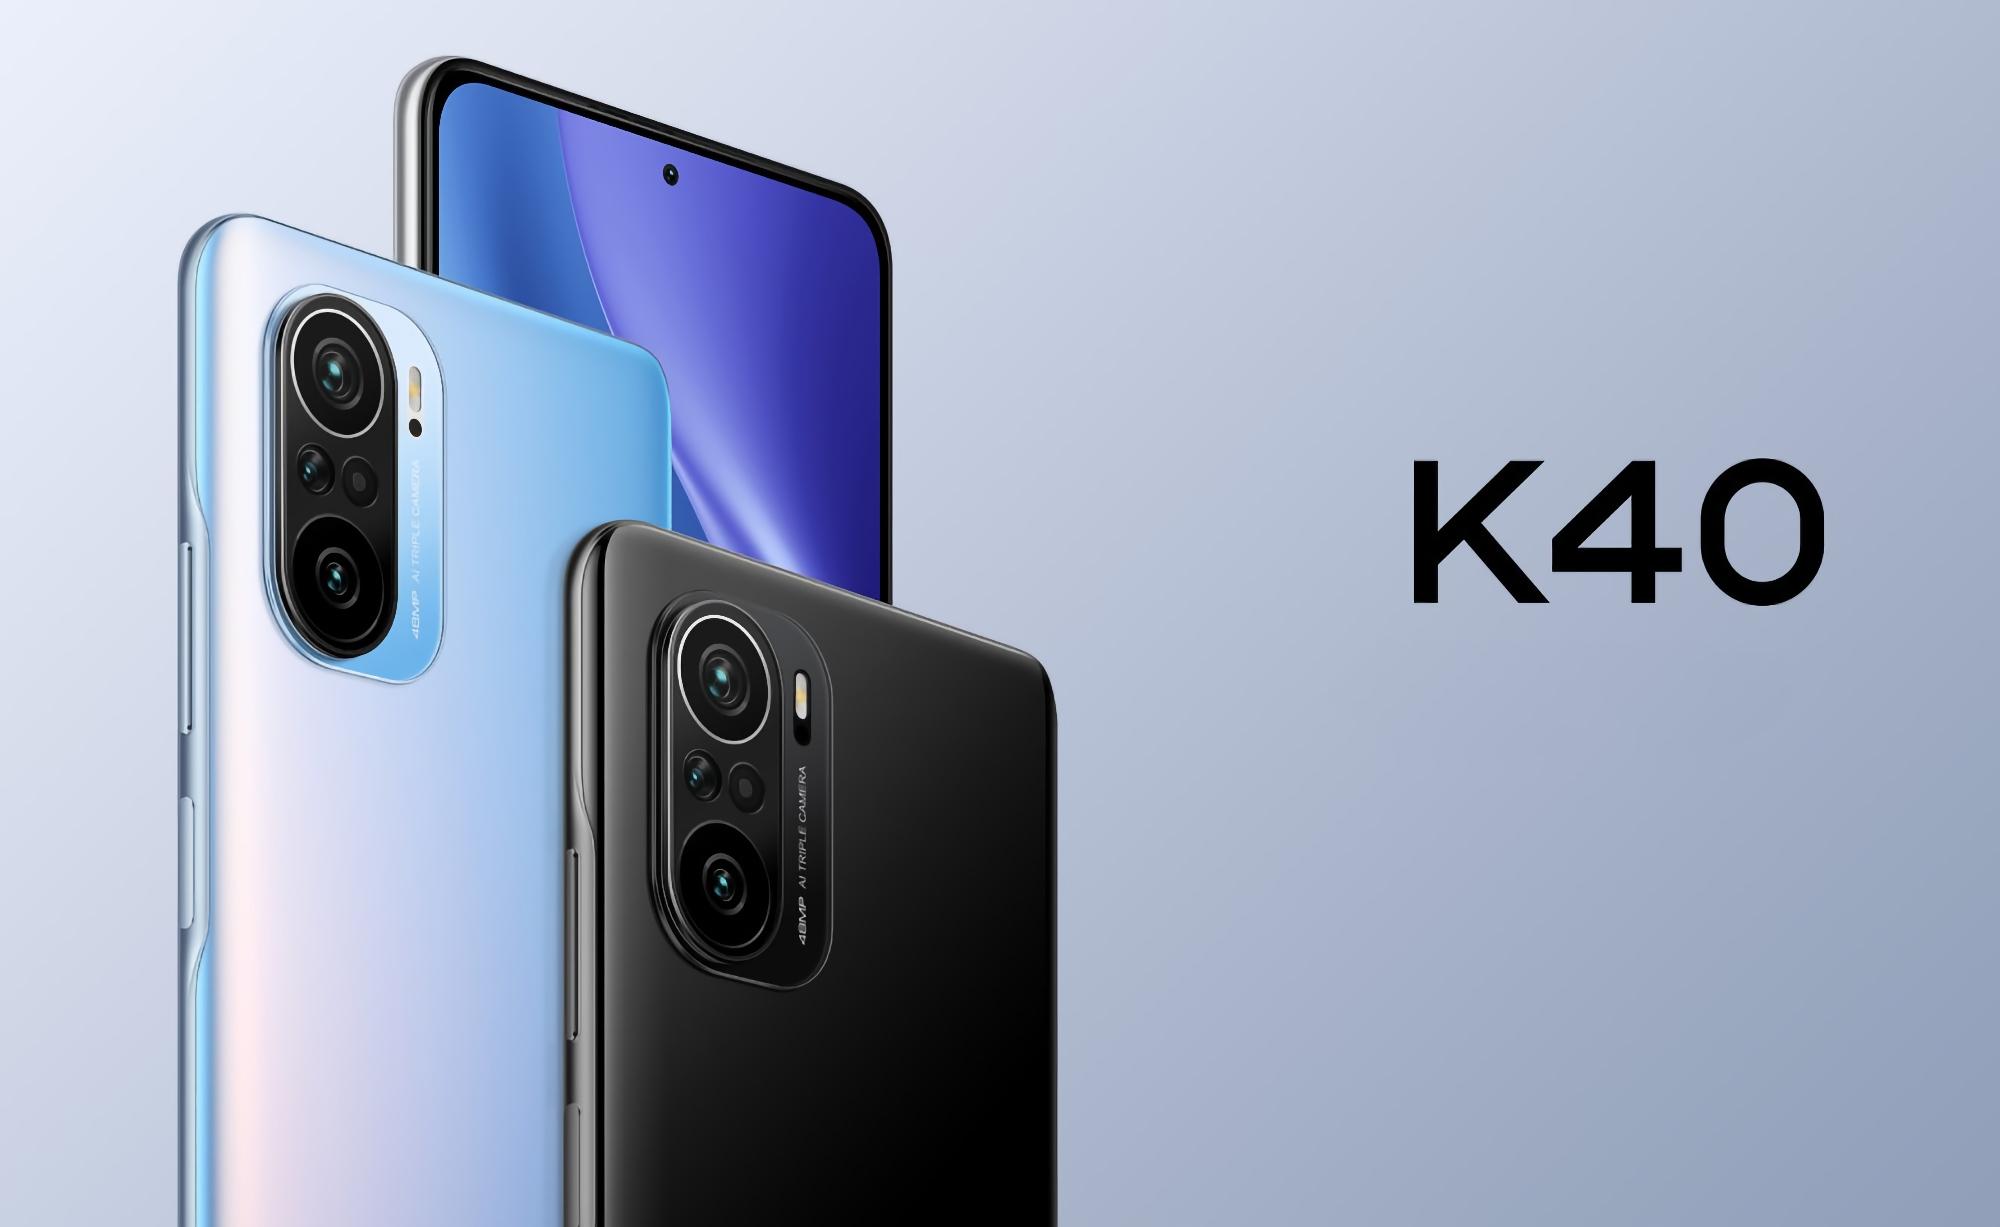 1 миллион устройств за 23 дня: Xiaomi отчиталась о продажах Redmi K40, Redmi K40 Pro и Redmi K40 Pro+